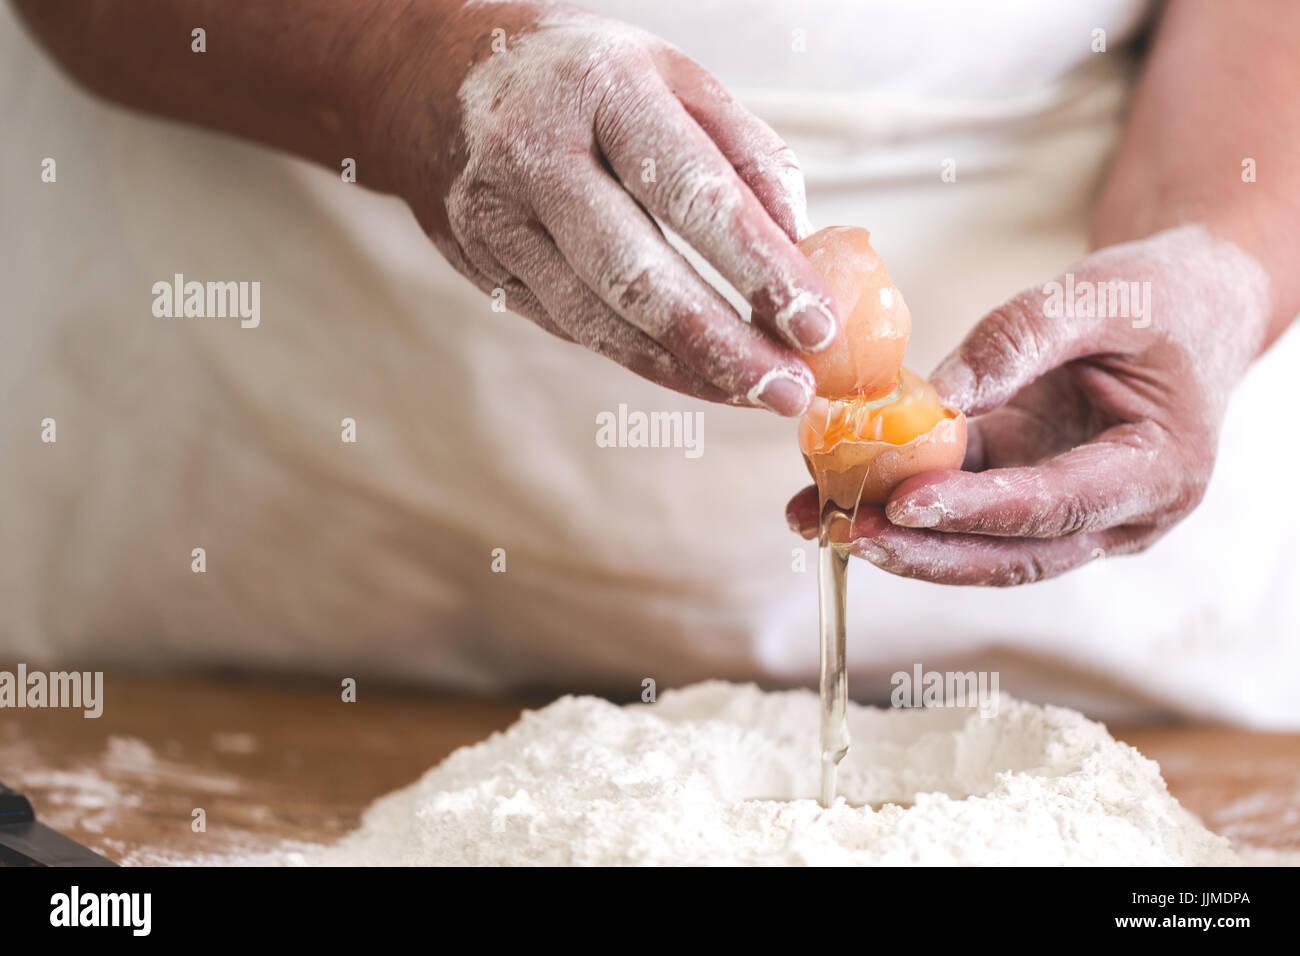 Senior donna aggiunta di uova per la pasticceria. Concentrarsi sulle uova rotte e vecchie mani di lavoro. Orientamento Immagini Stock